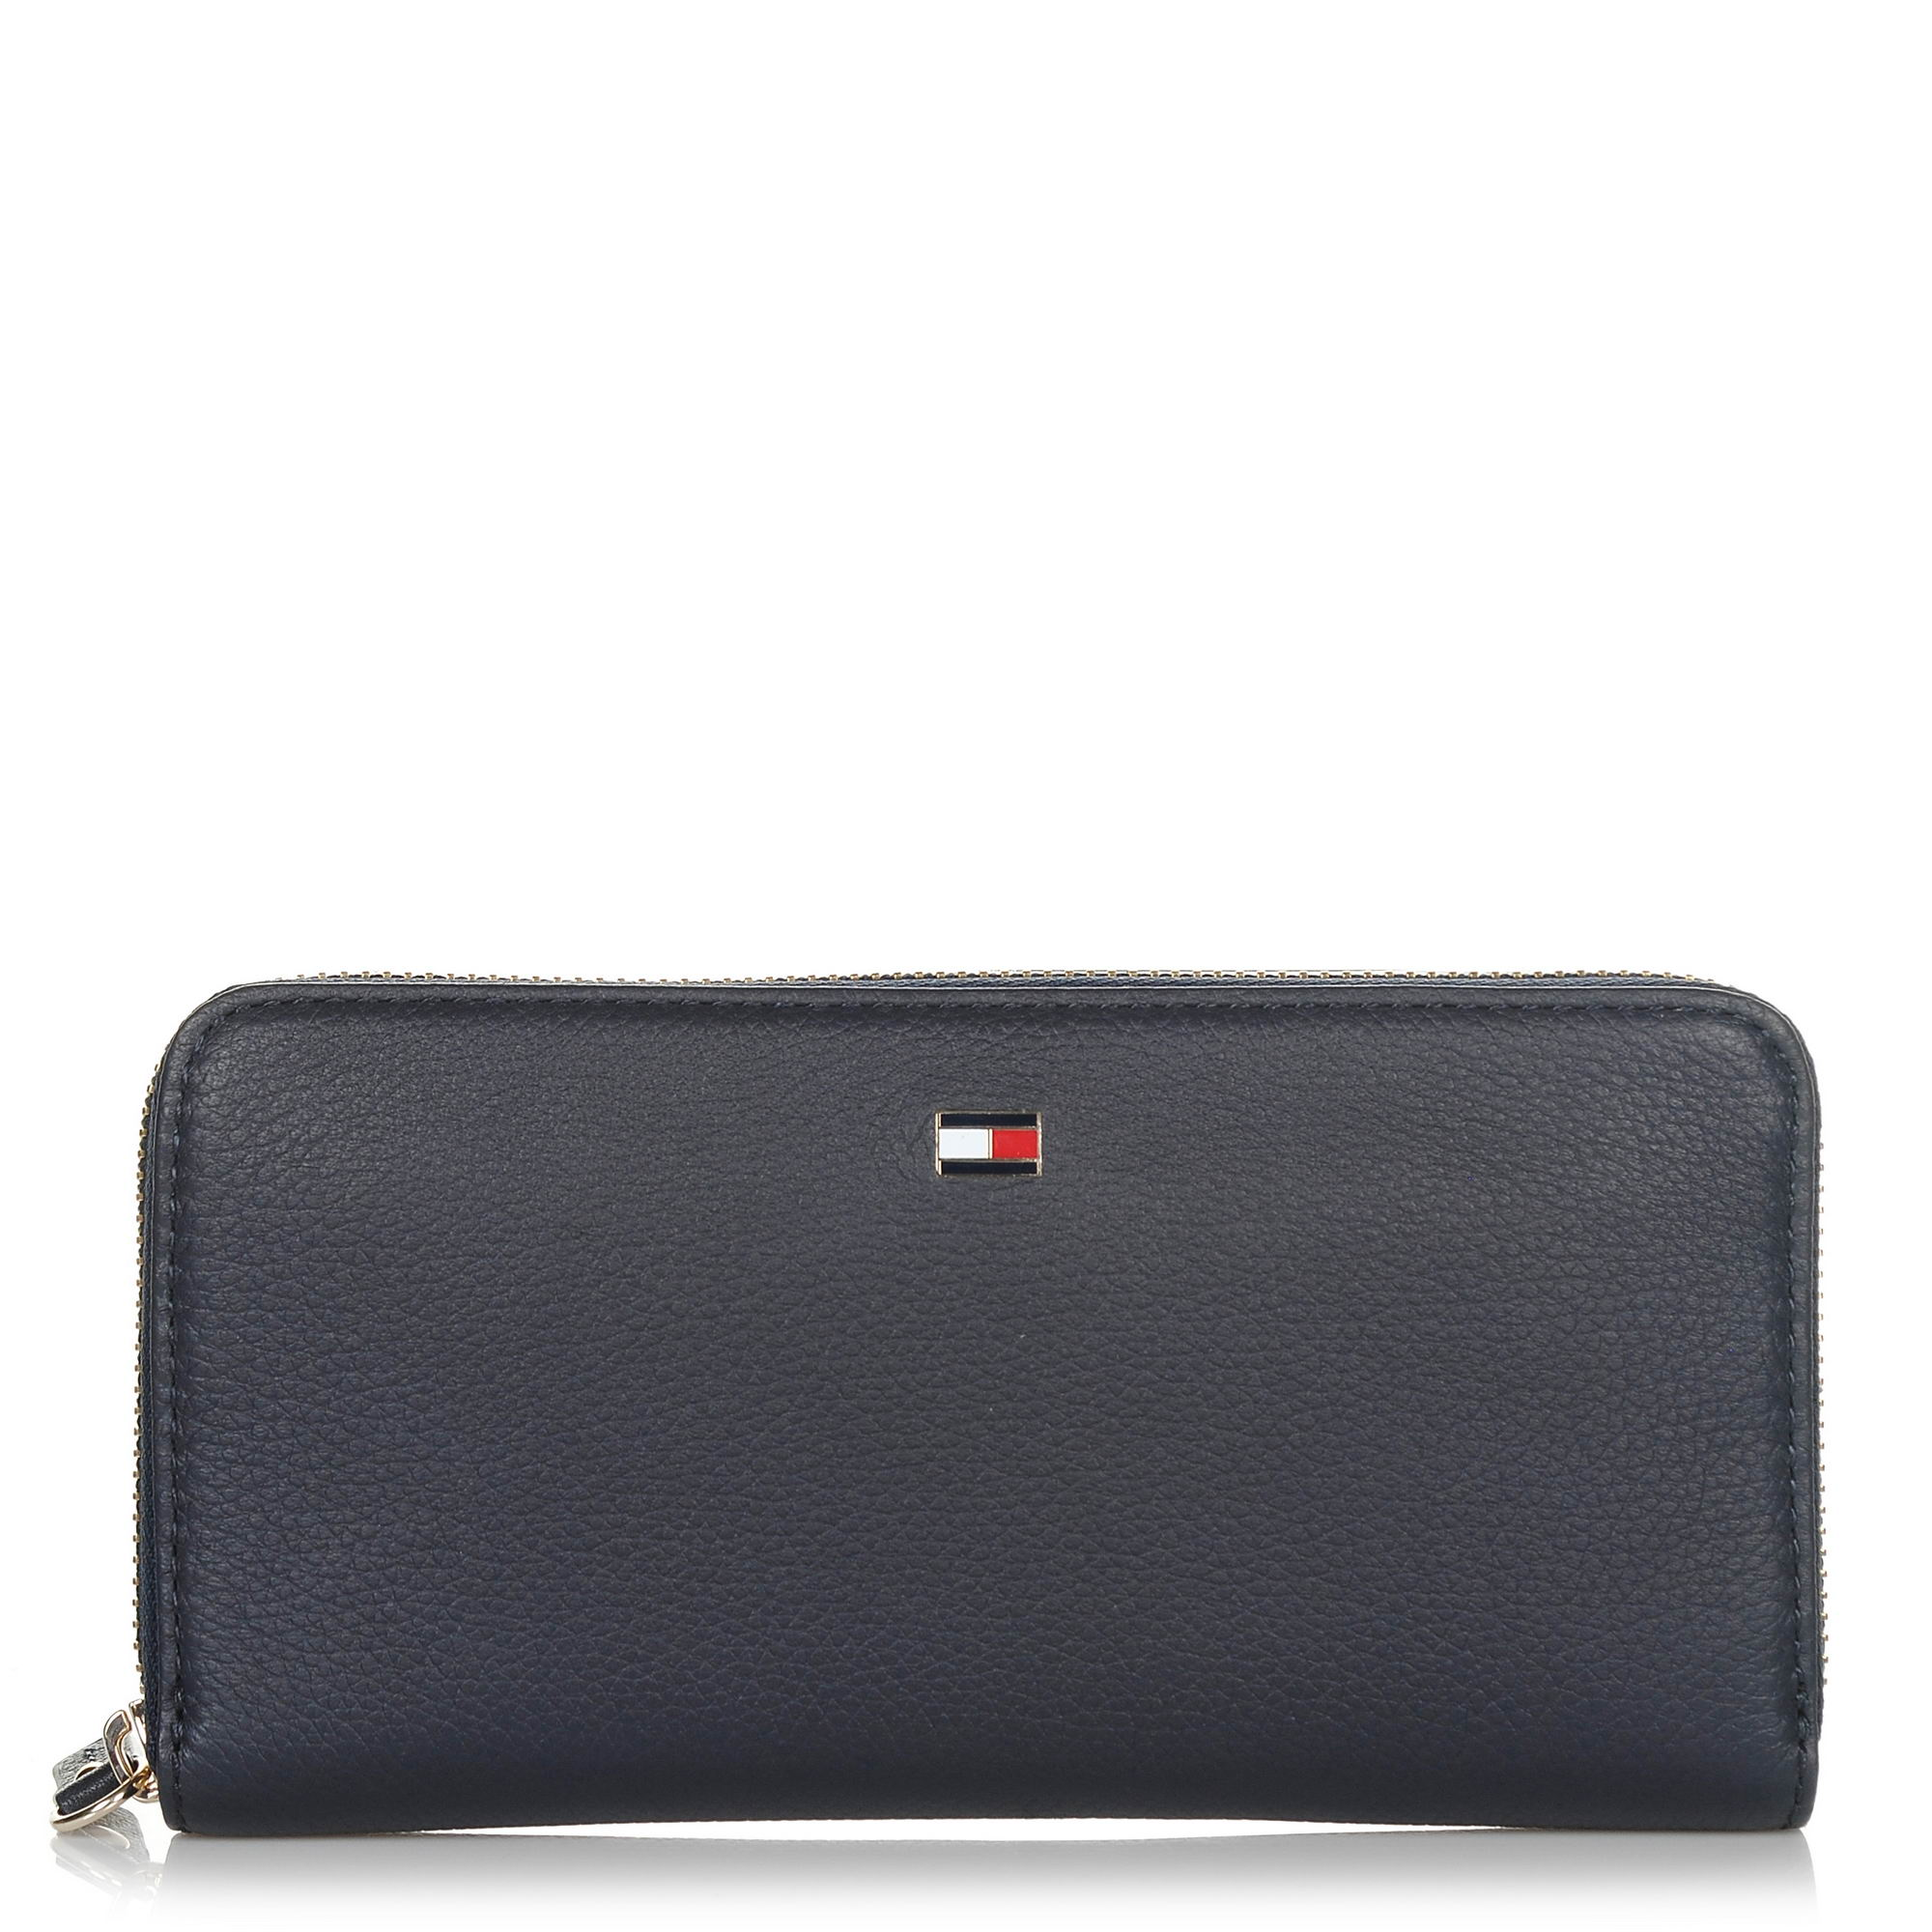 Δερμάτινο Πορτοφόλι Κασετίνα Tommy Hilfiger Basic Leather LRG Za AW0AW06294